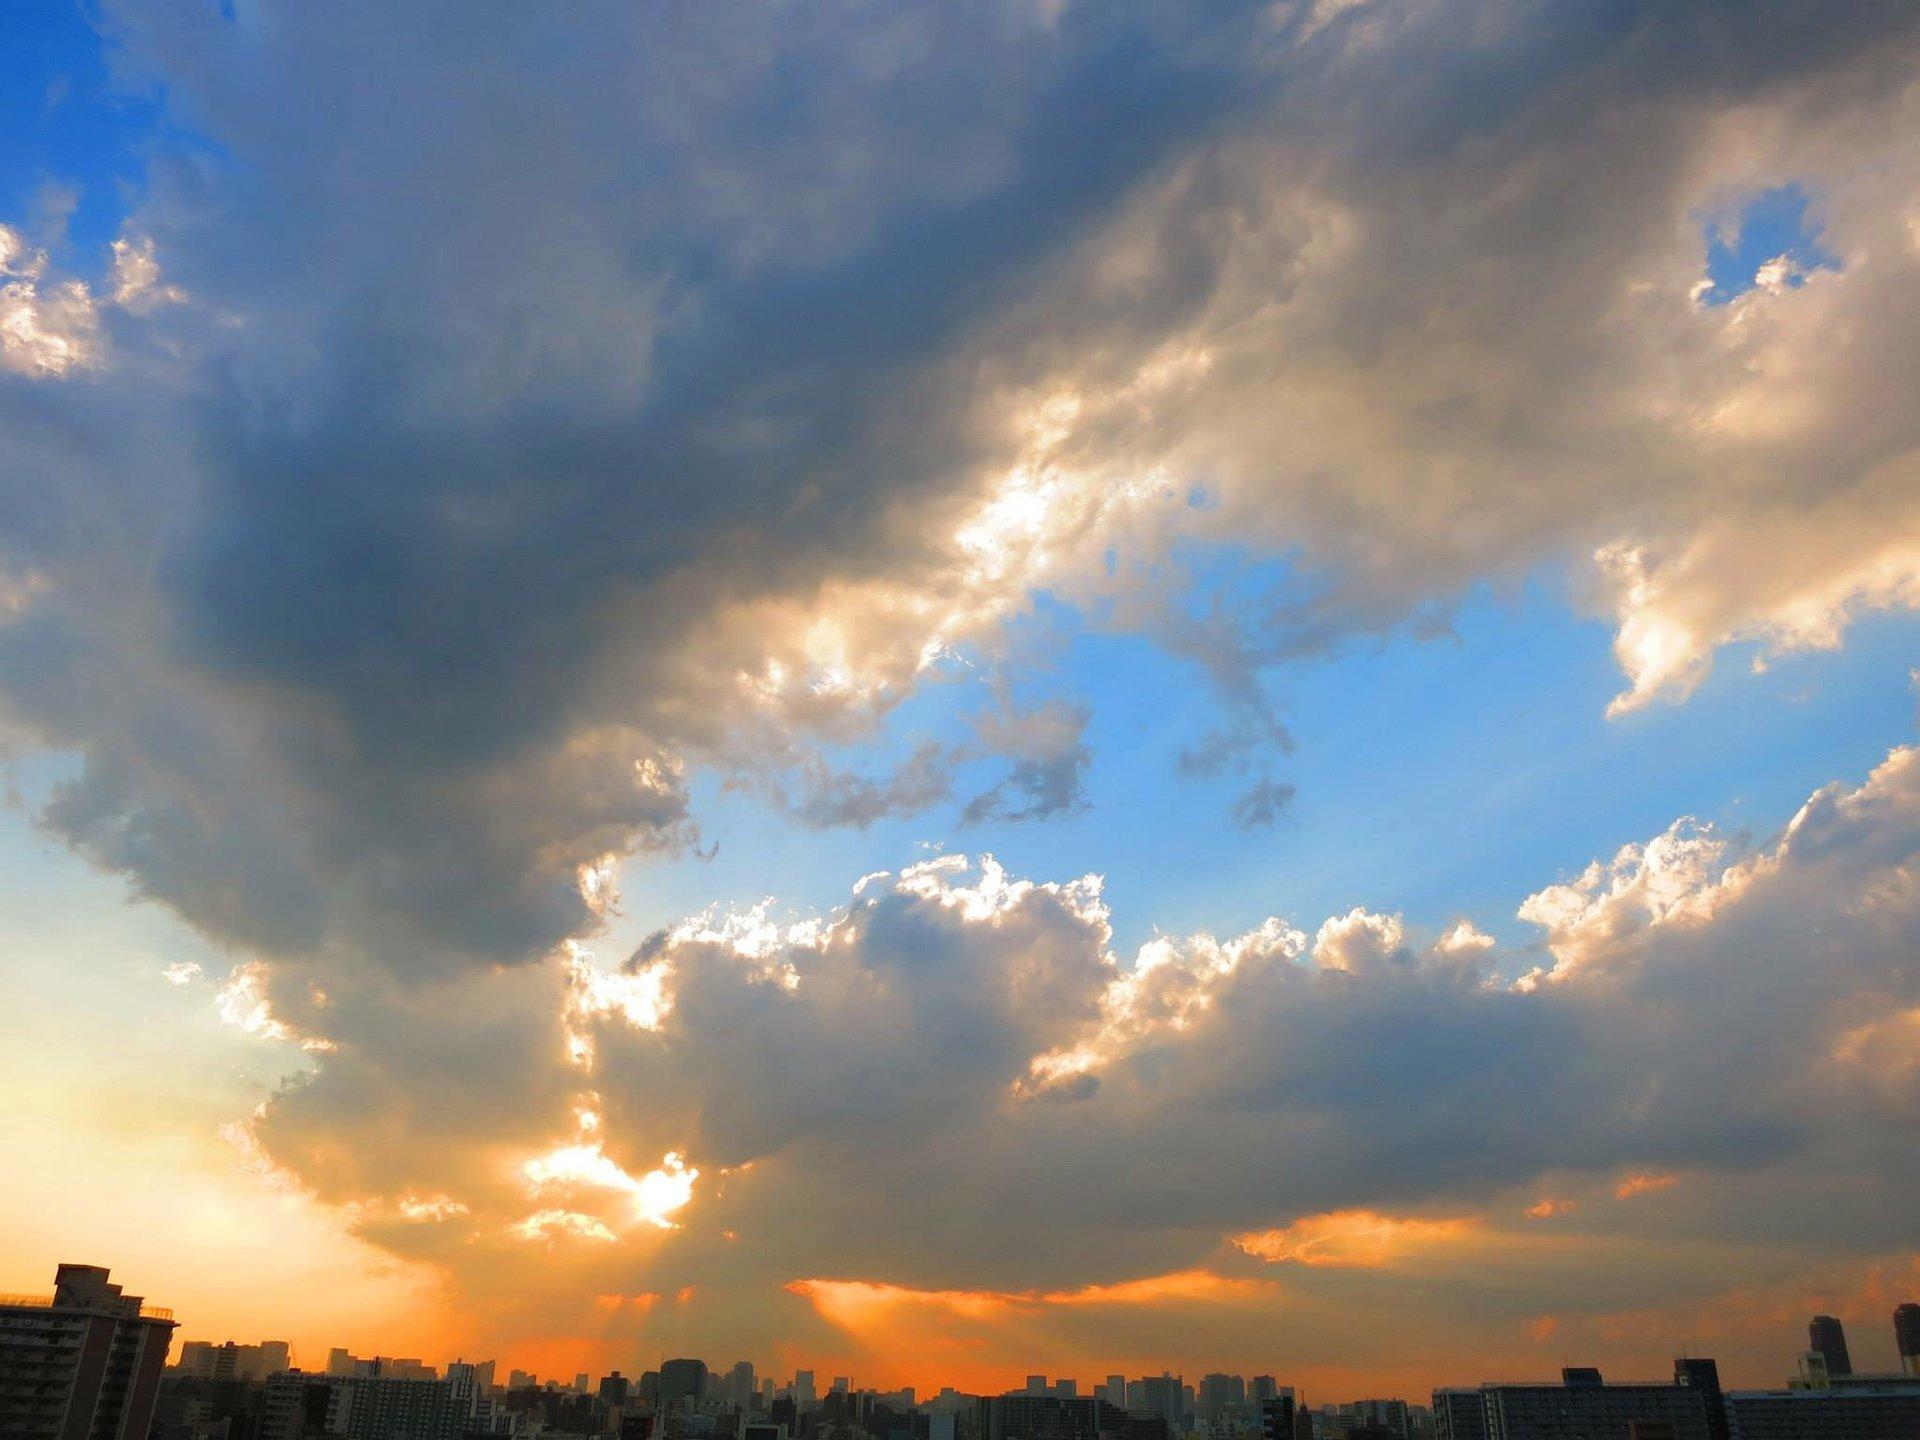 https://d17vjxfu0igzun.cloudfront.net/images/515929014093e2e2cba6964601941ae1/1920x1440c/spot_photos/243401/original-e8dd7196a1c6bc8747173f5b781b1af39726af21.JPG